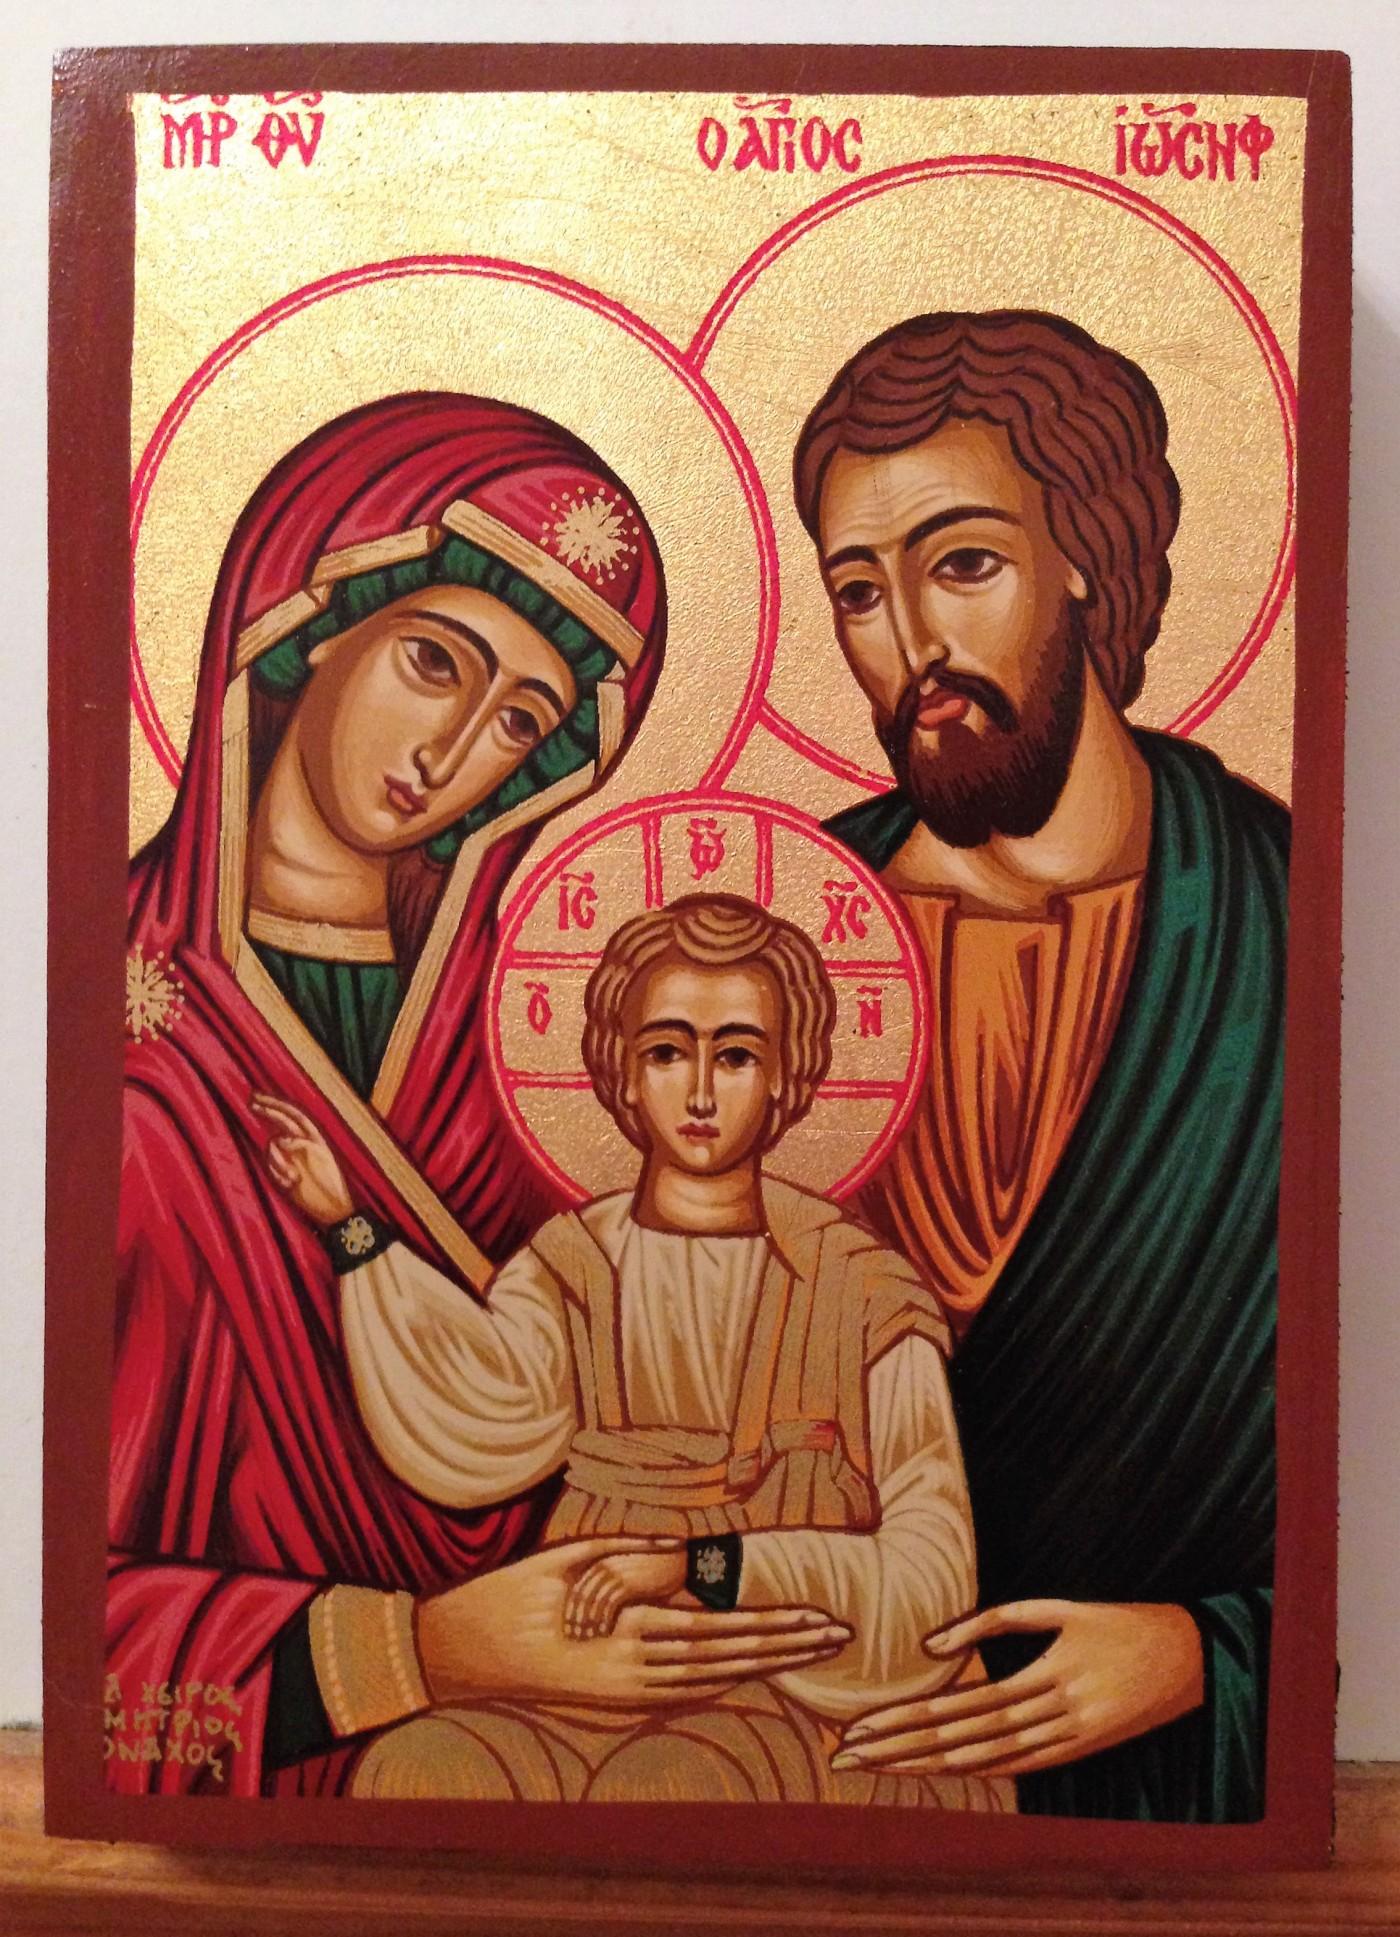 Святой параскеве пятнице традиционно молятся о семейном благополучии и счастье.